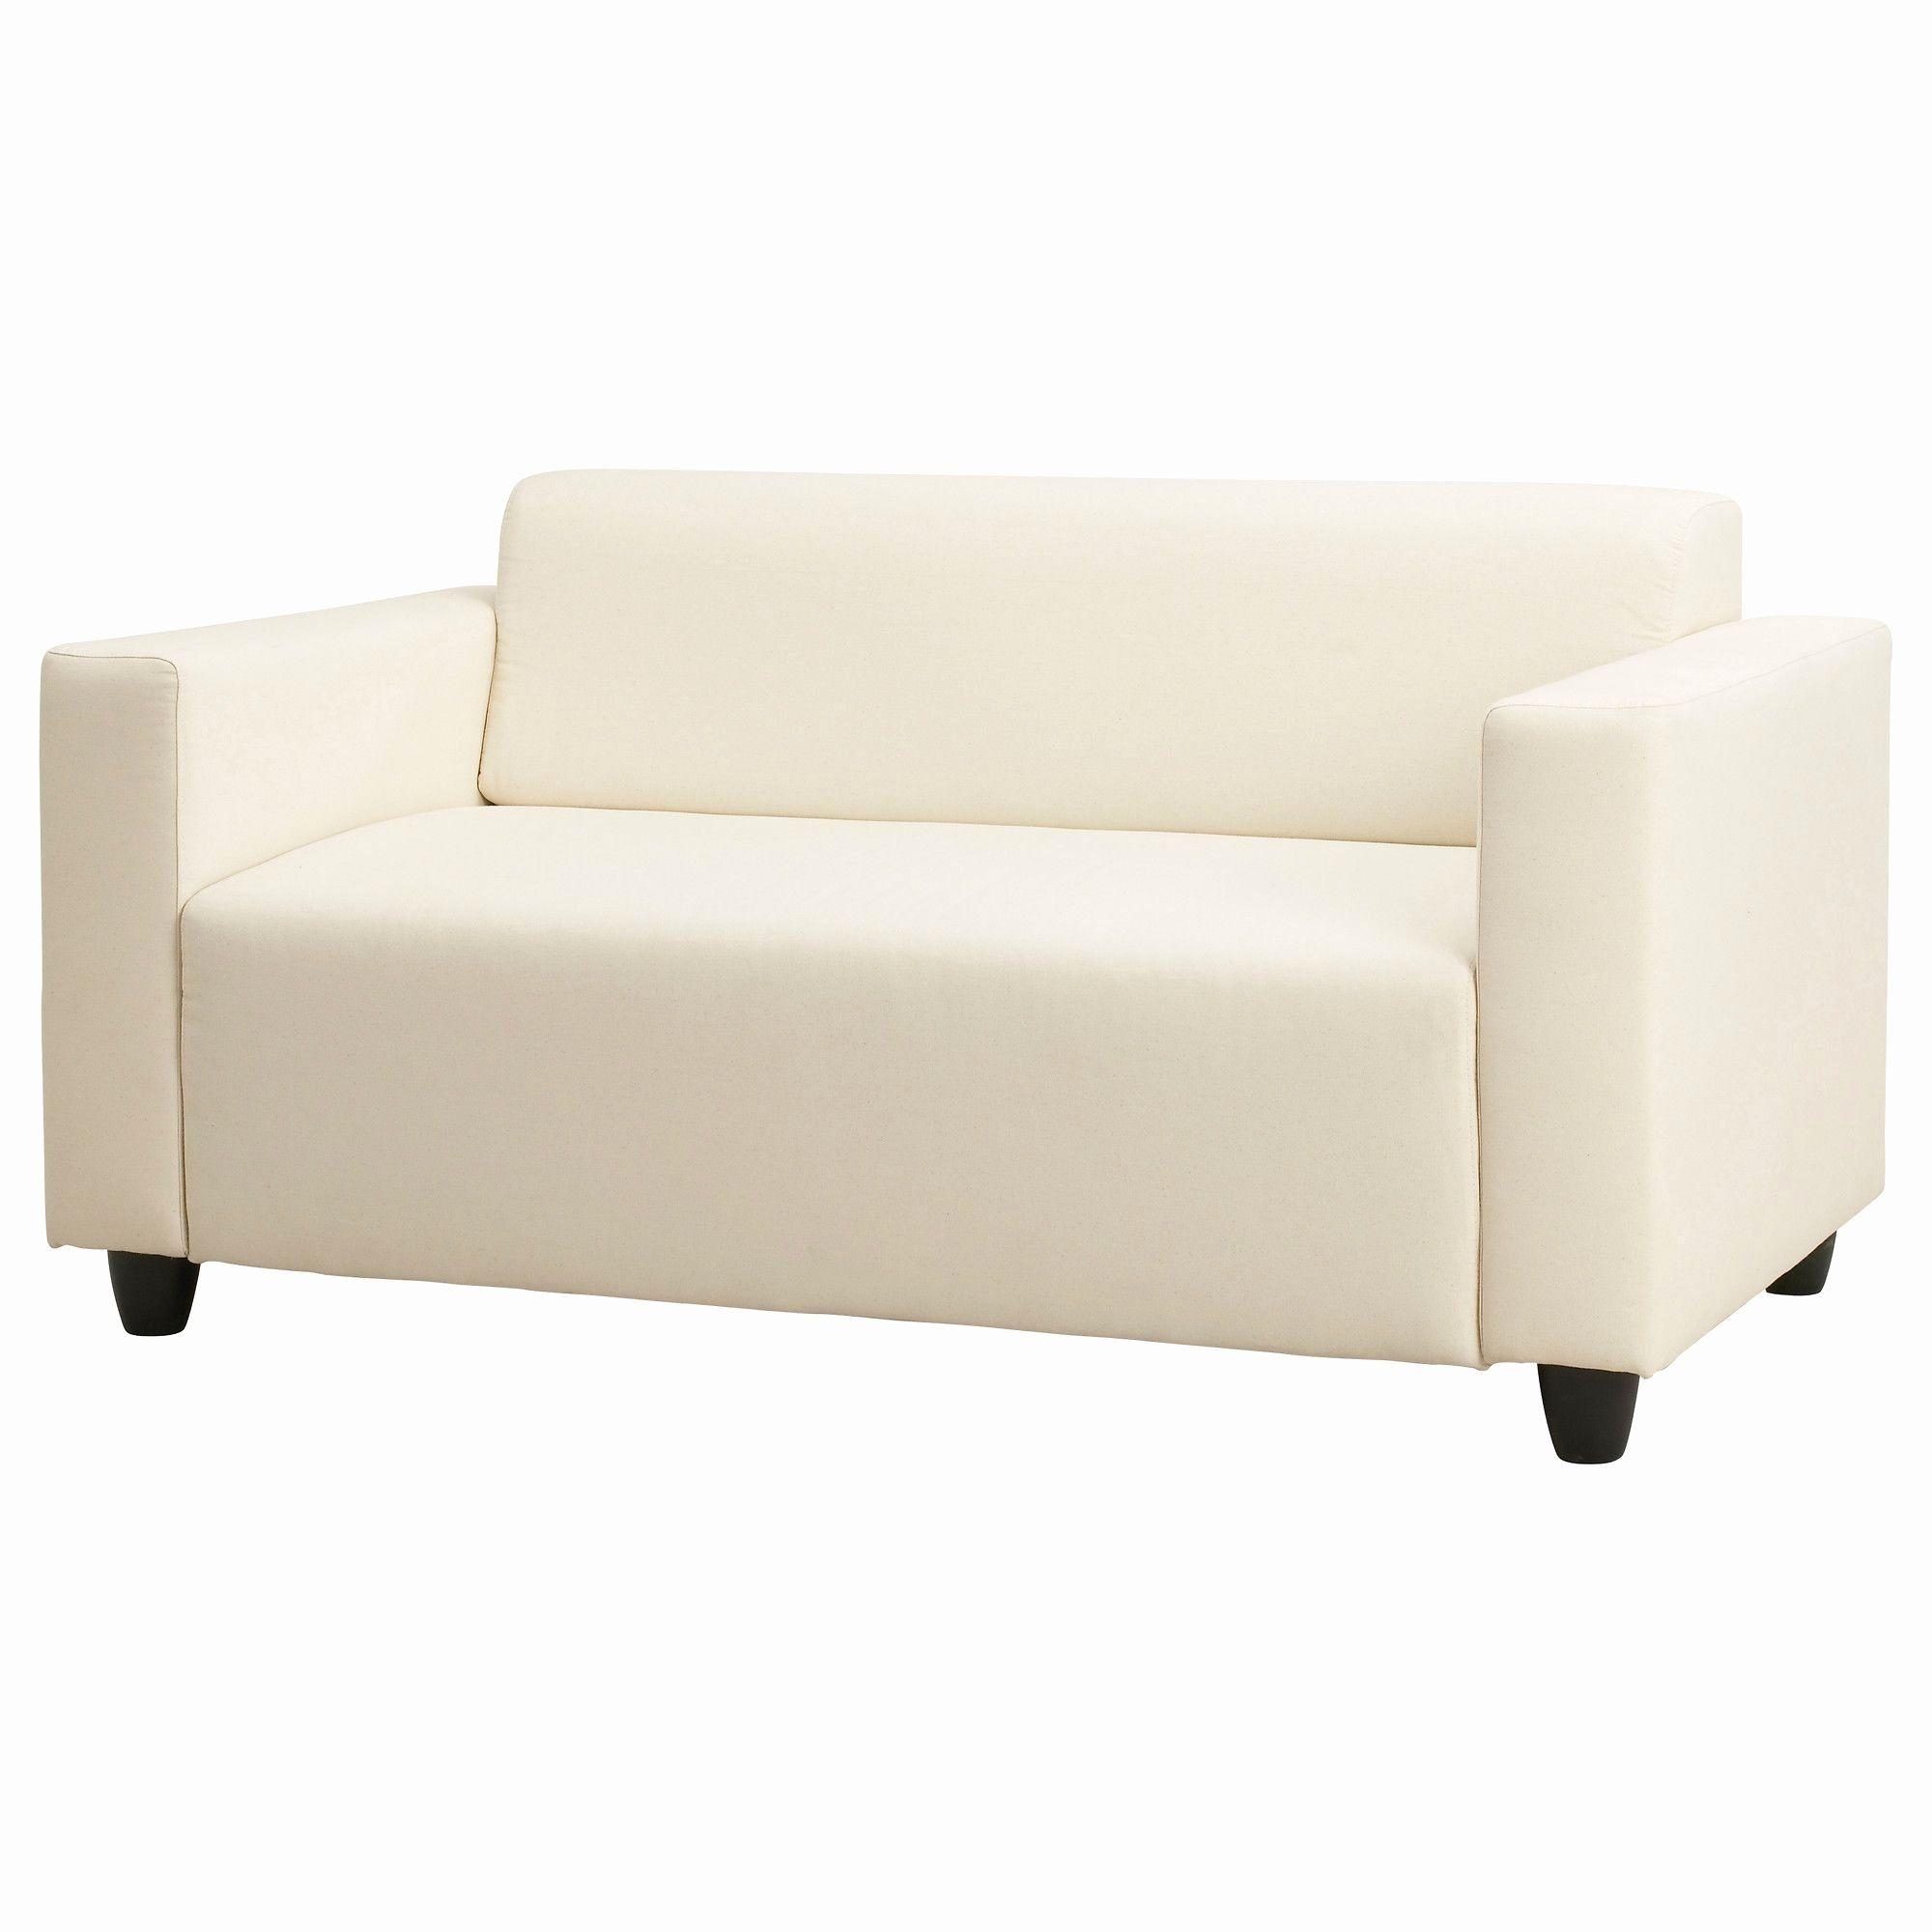 Full Size of Ikea Sofa Mit Schlaffunktion 2er Und 3er Ecksofa Günstige Küche Theke Verkaufen Betten 160x200 Halbrundes Verstellbarer Sitztiefe Mondo Bett Bettkasten Sofa Ikea Sofa Mit Schlaffunktion